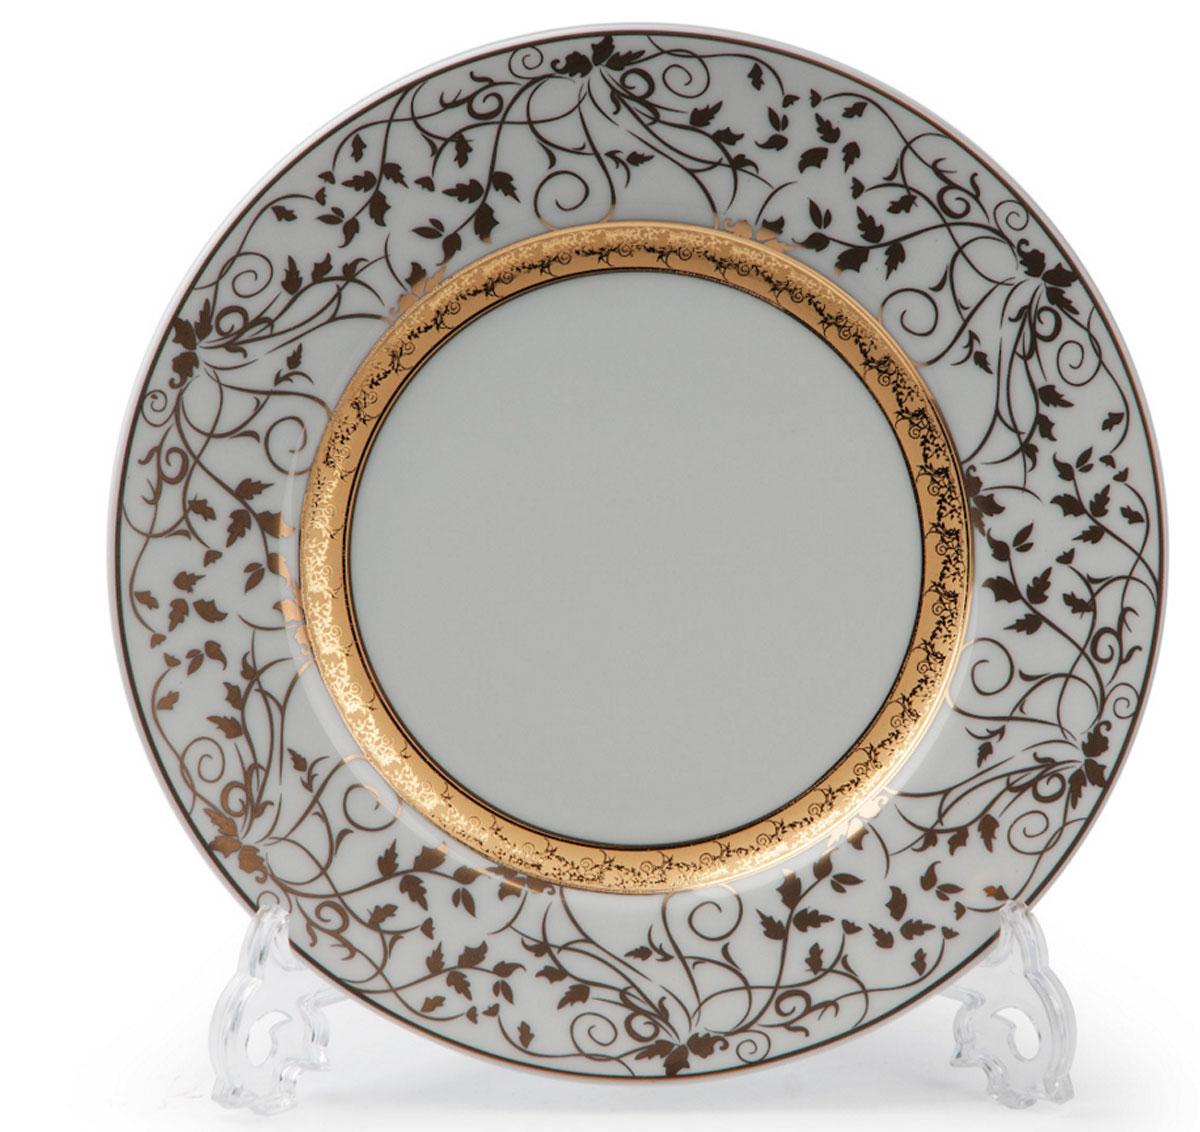 Mimosa Lierre Or 947, набор тарелок 22см (6шт), цвет: белый с золотом539 117 947В наборе тарелка 22 см 6 штук